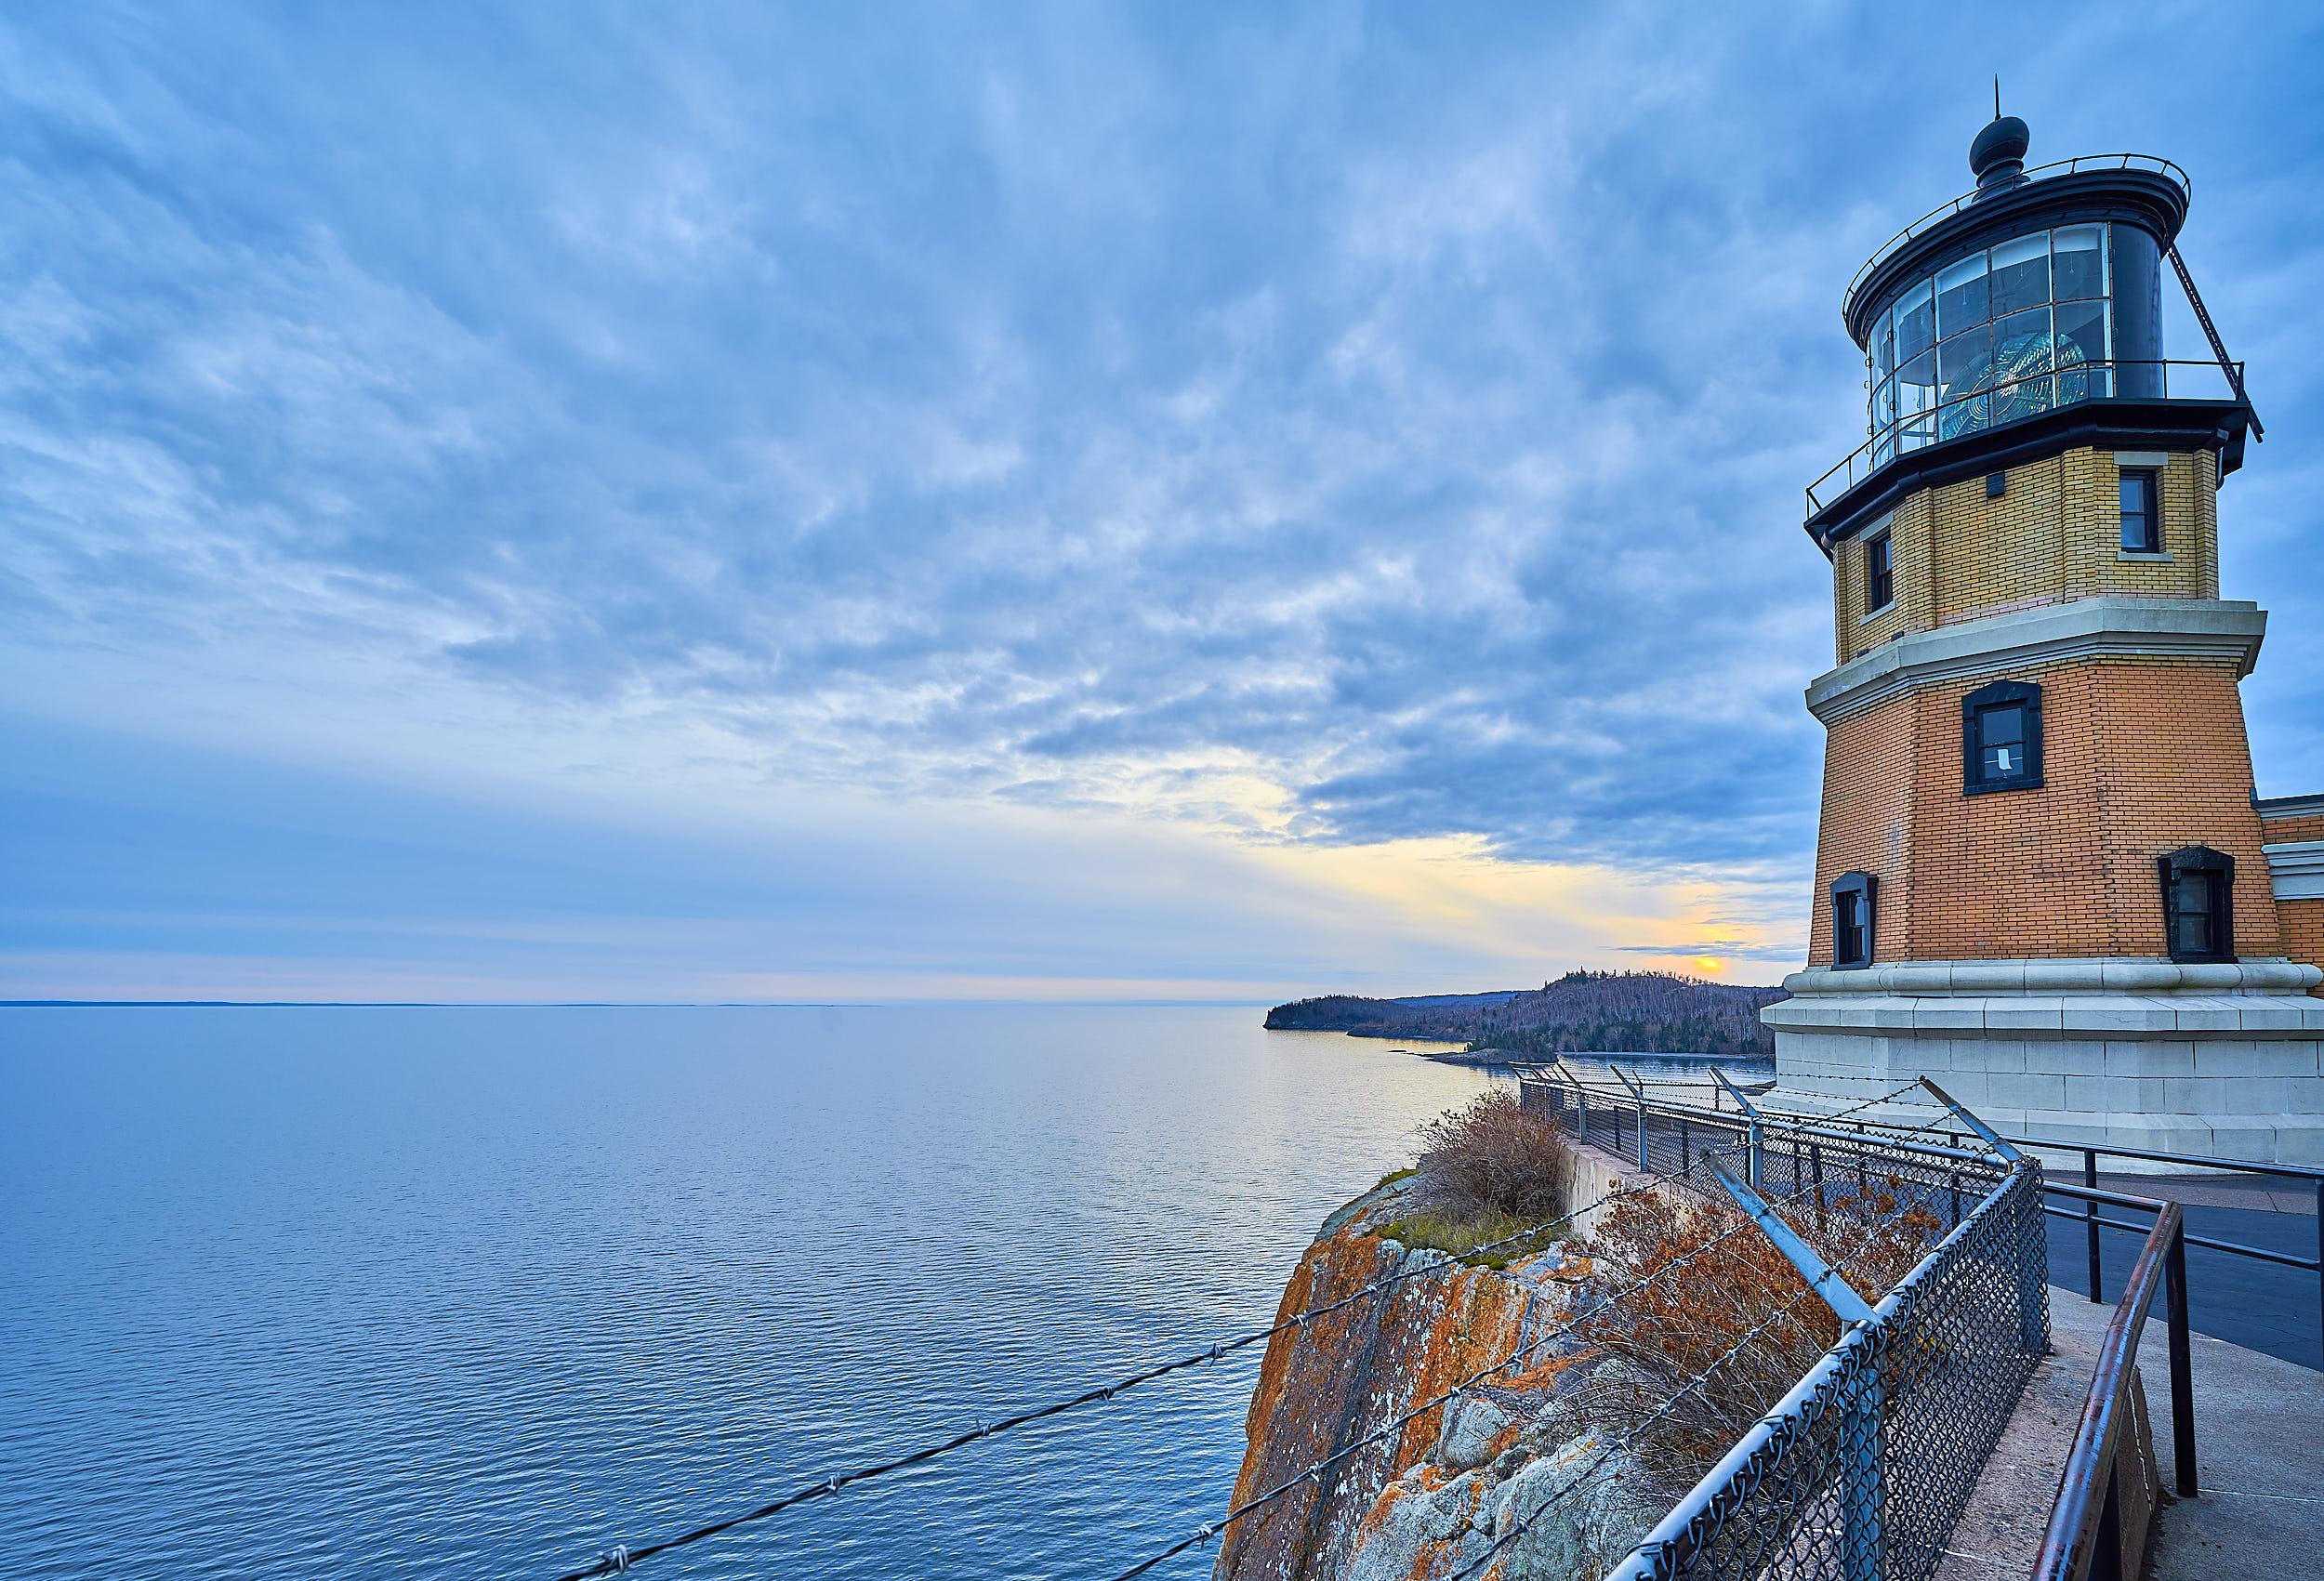 Split Rock Lighthouse Minnesota Lake Superior Sunset | Photo by BillyBengtson.com